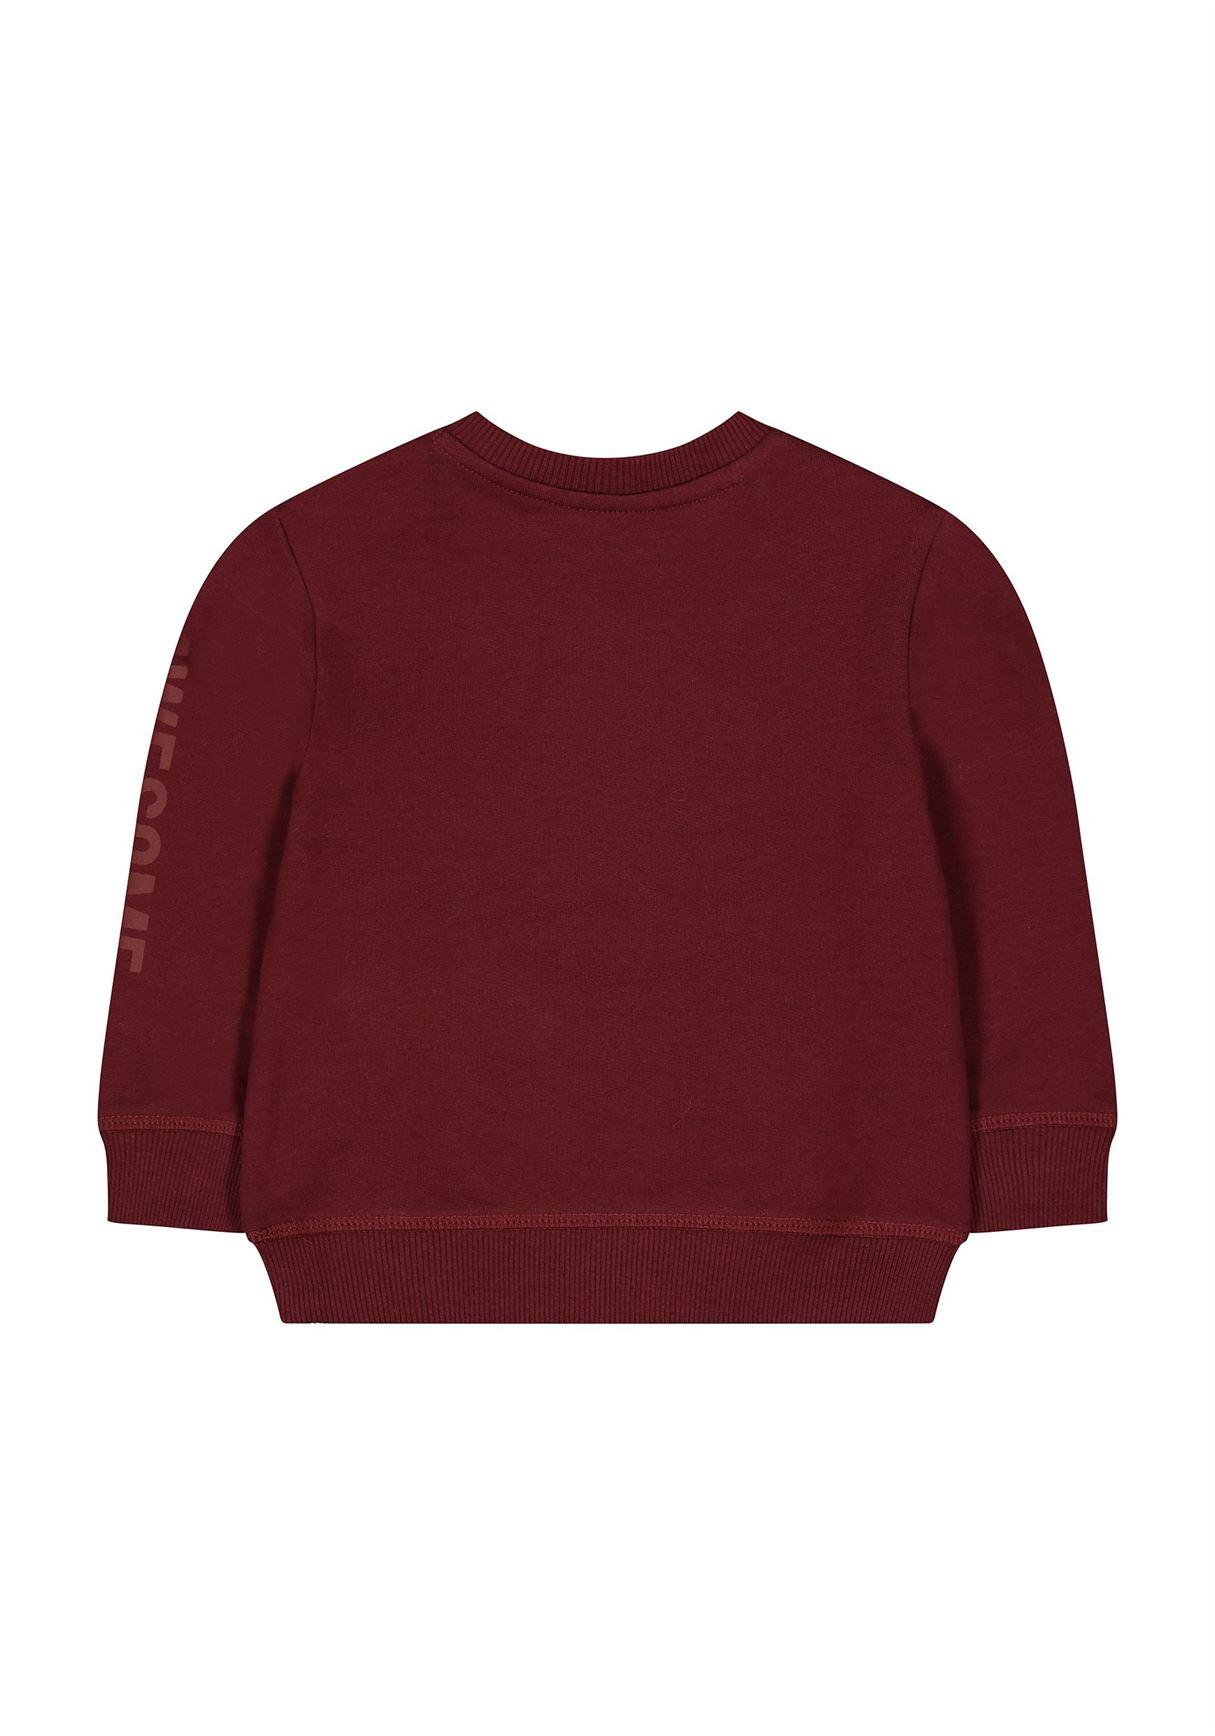 Mothercare Boys Burgundy Solid Sweatshirt